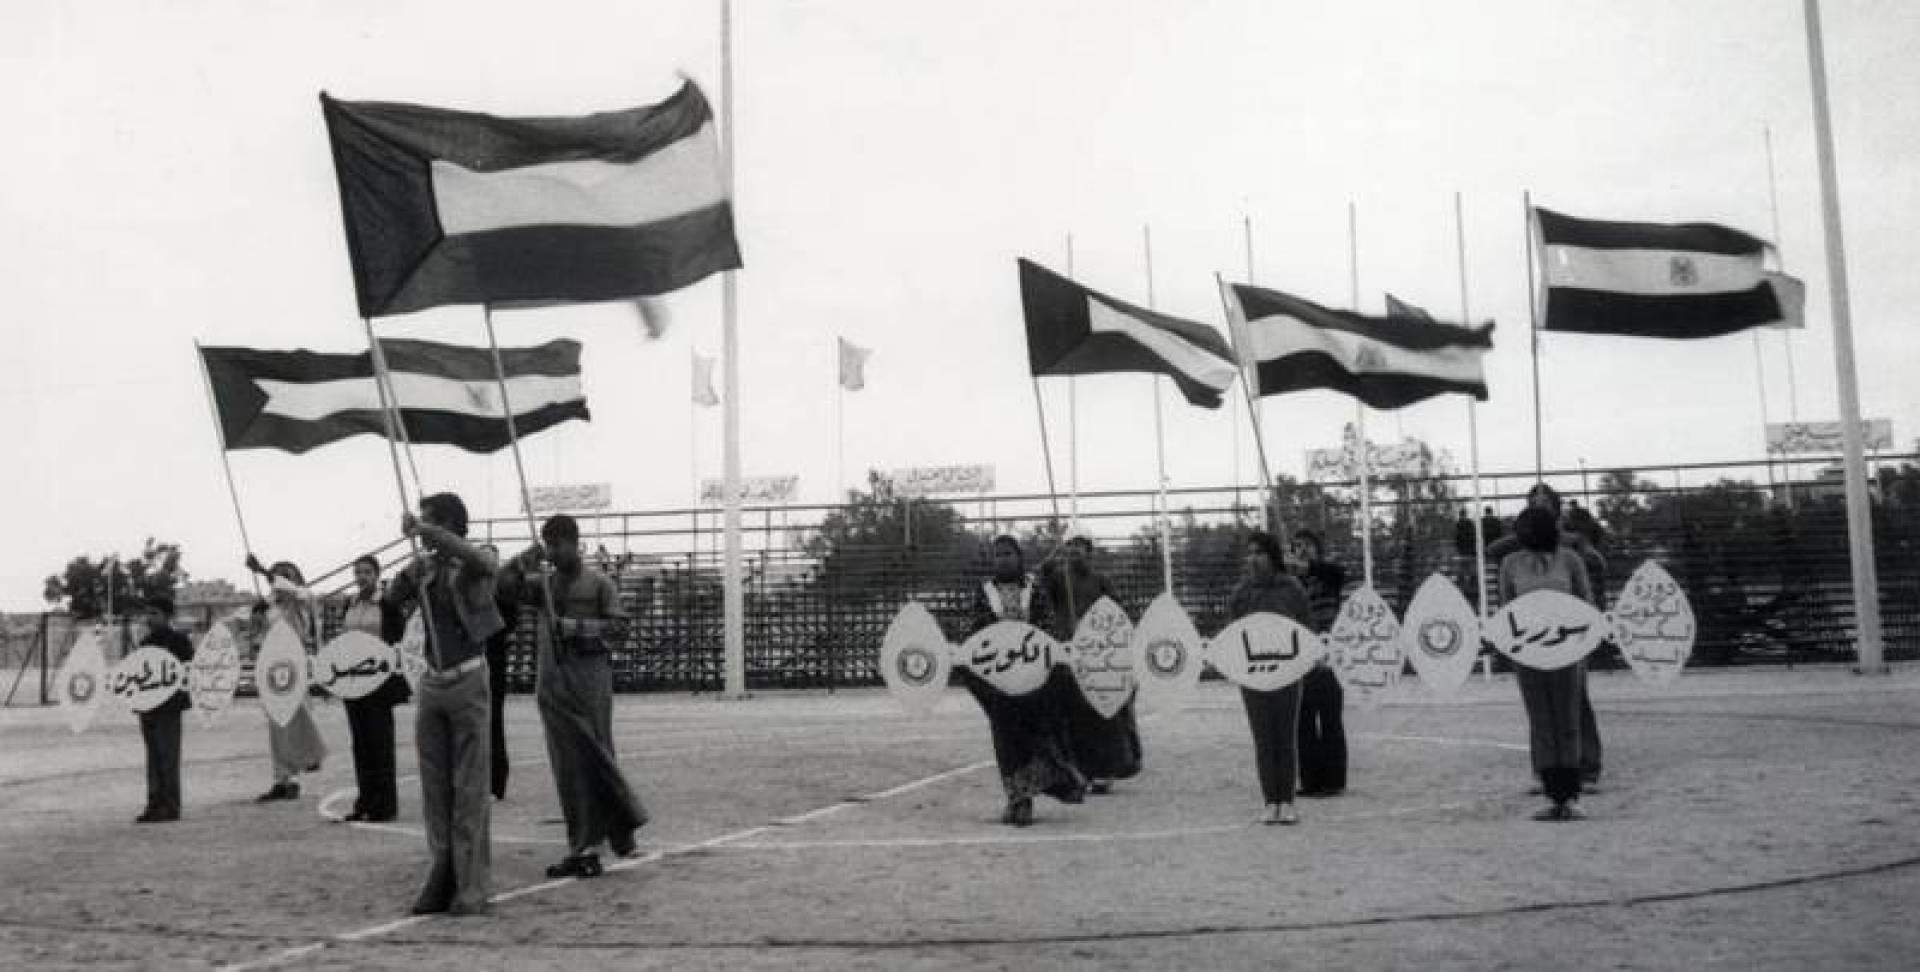 علم الكويت يتقدم أعلام الدول المشتركة في دورة الكويت لكرة اليد